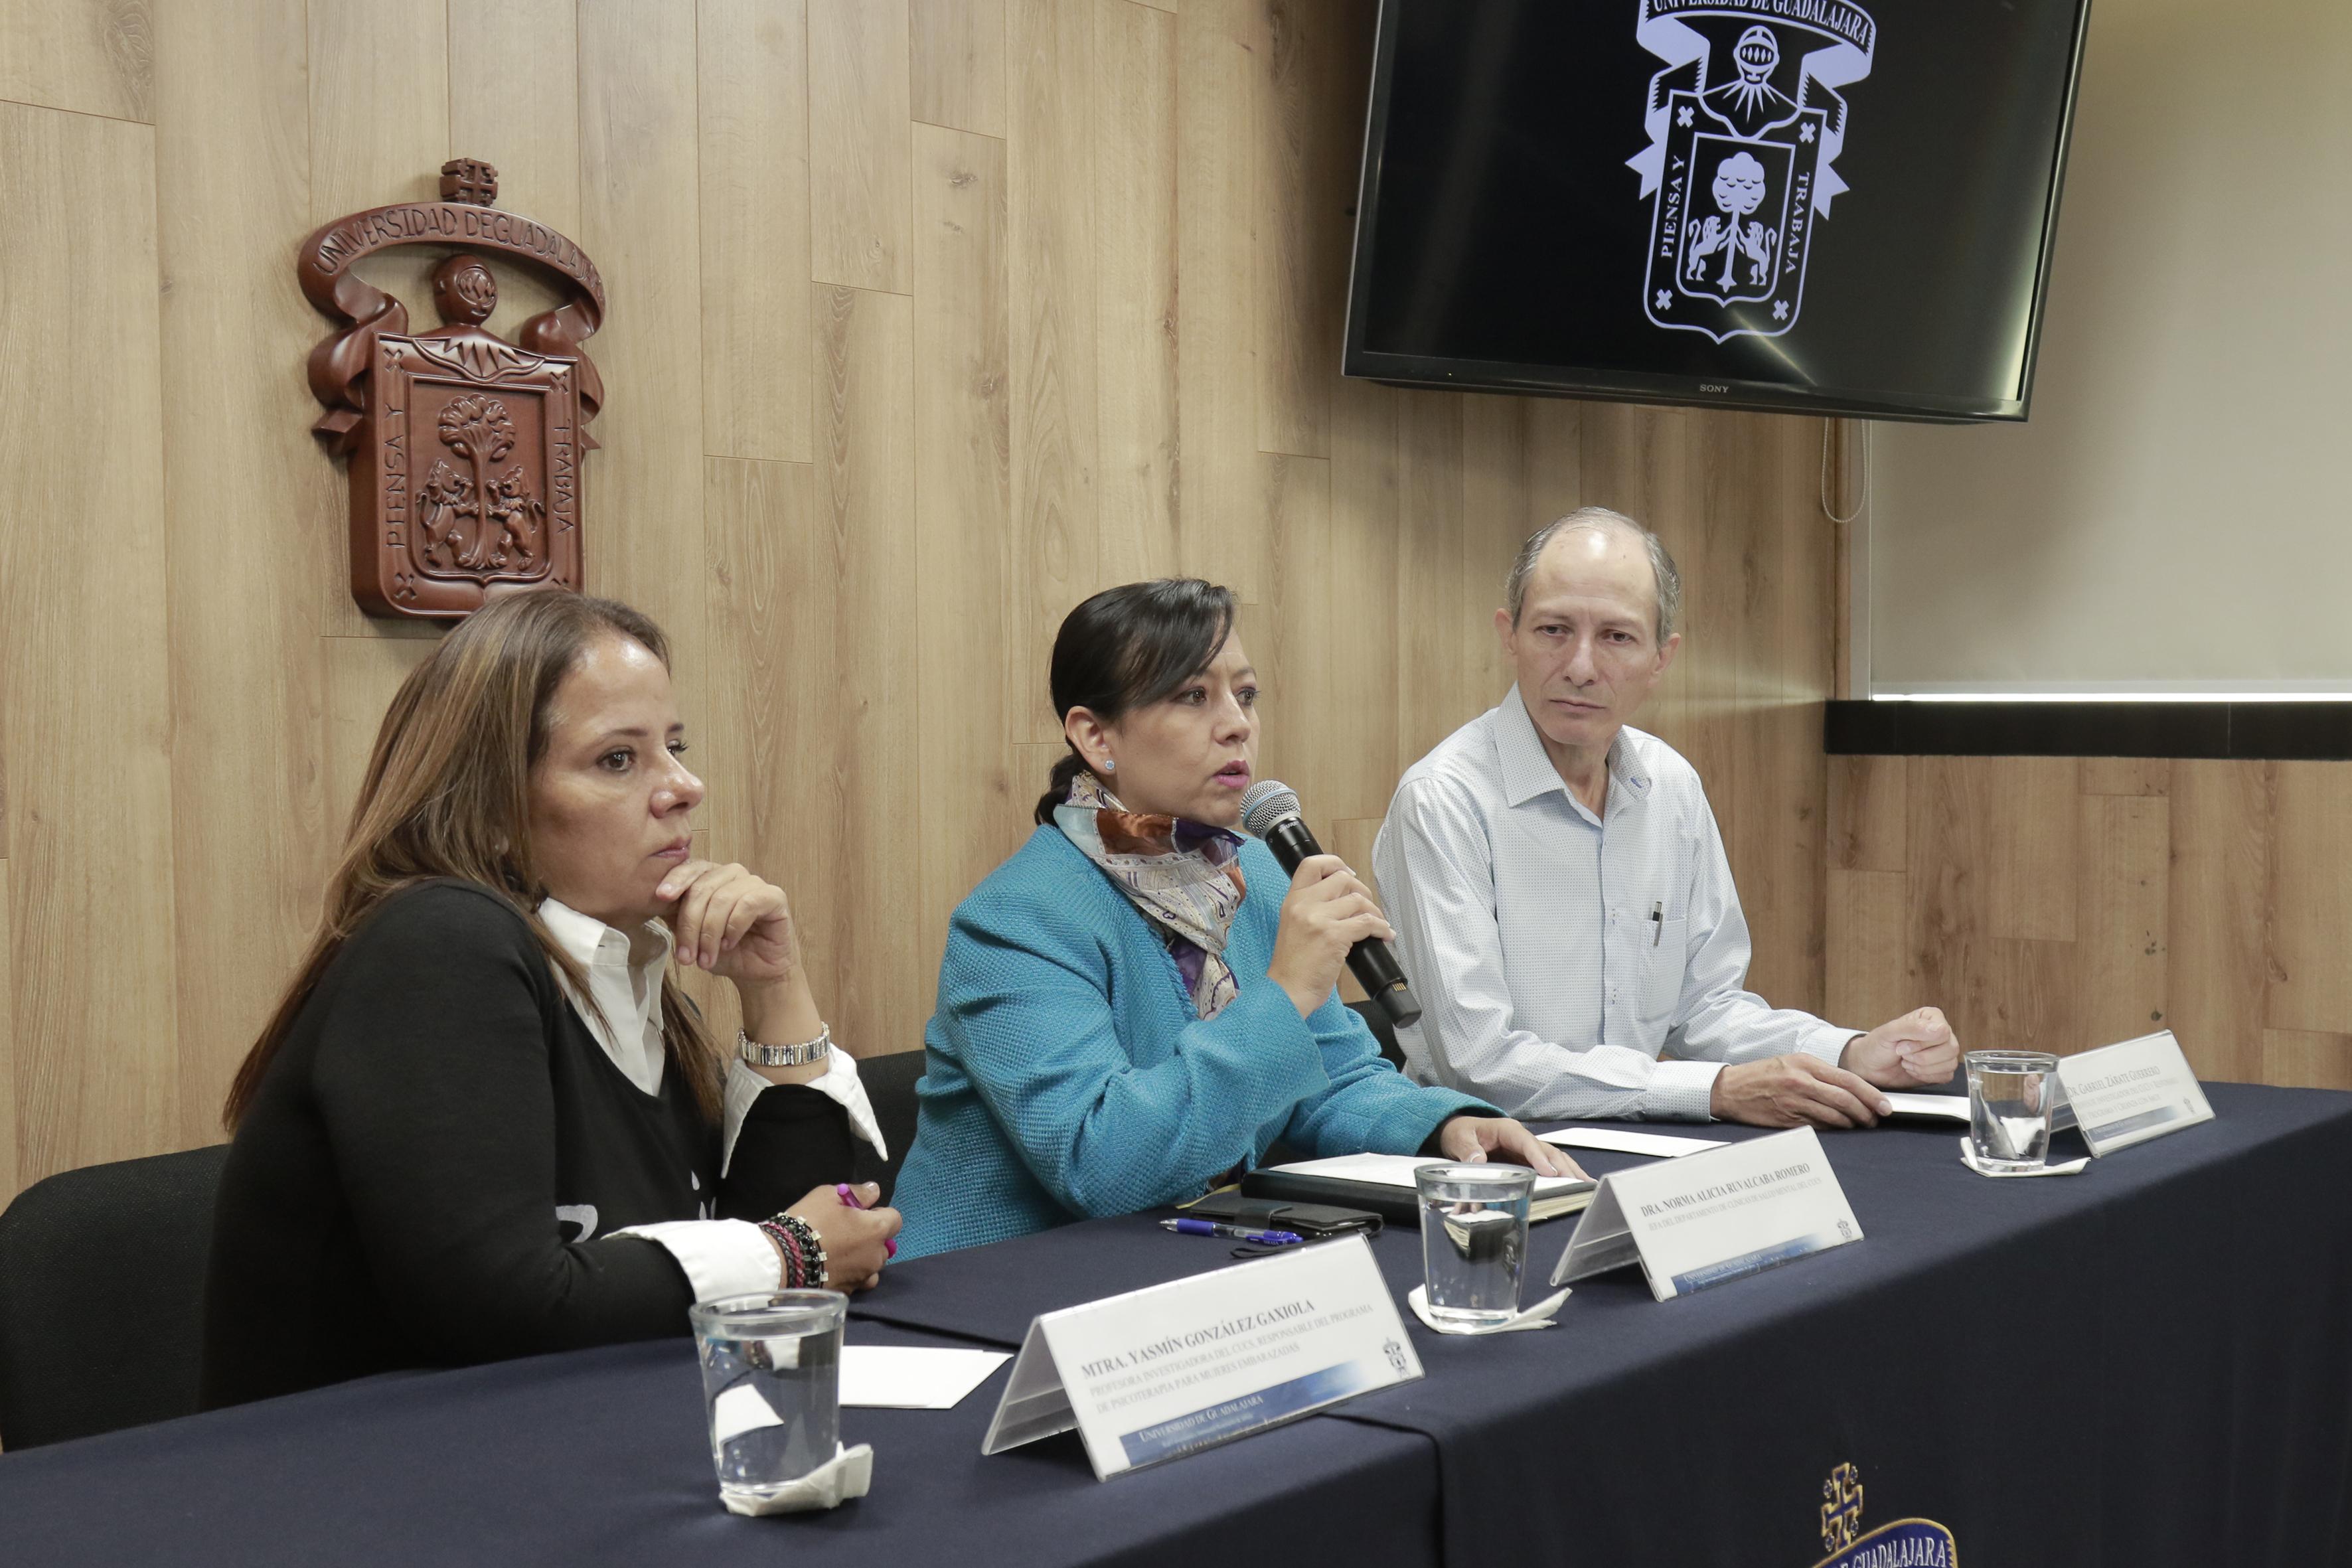 Hace uso de la palabra la Dra. Norma Alicia Ruvalcaba Romero, jefa del Departamento de Clínicas de Salud Mental, a su lado el Dr.Gabriel Zárate y la Mtra. Yasmín González, profesores investigadores del CUCS